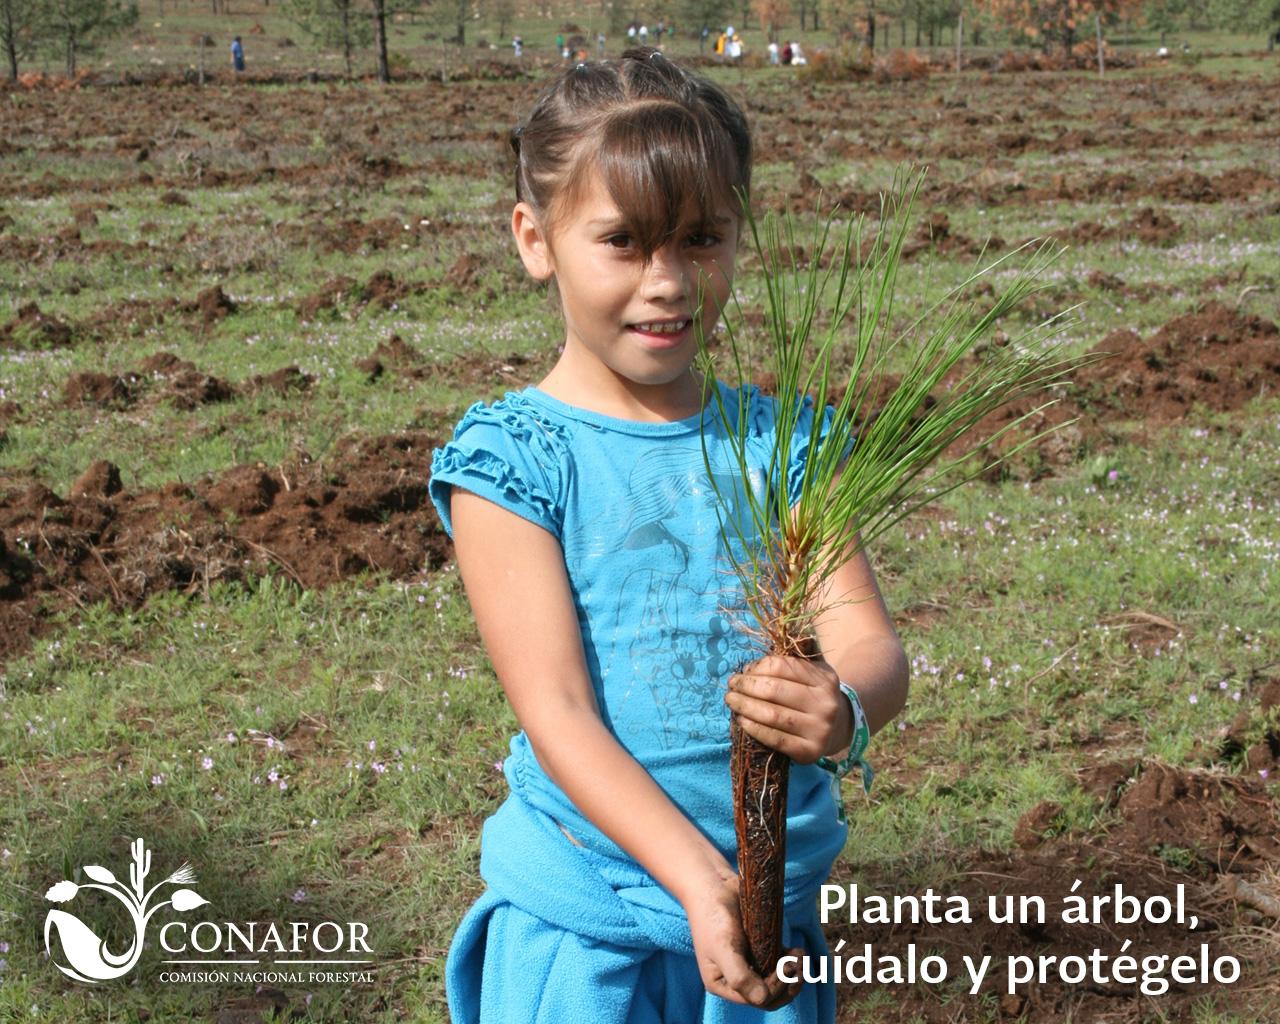 Planta un rbol cu dalo y prot gelo campa a for Viveros forestales conafor